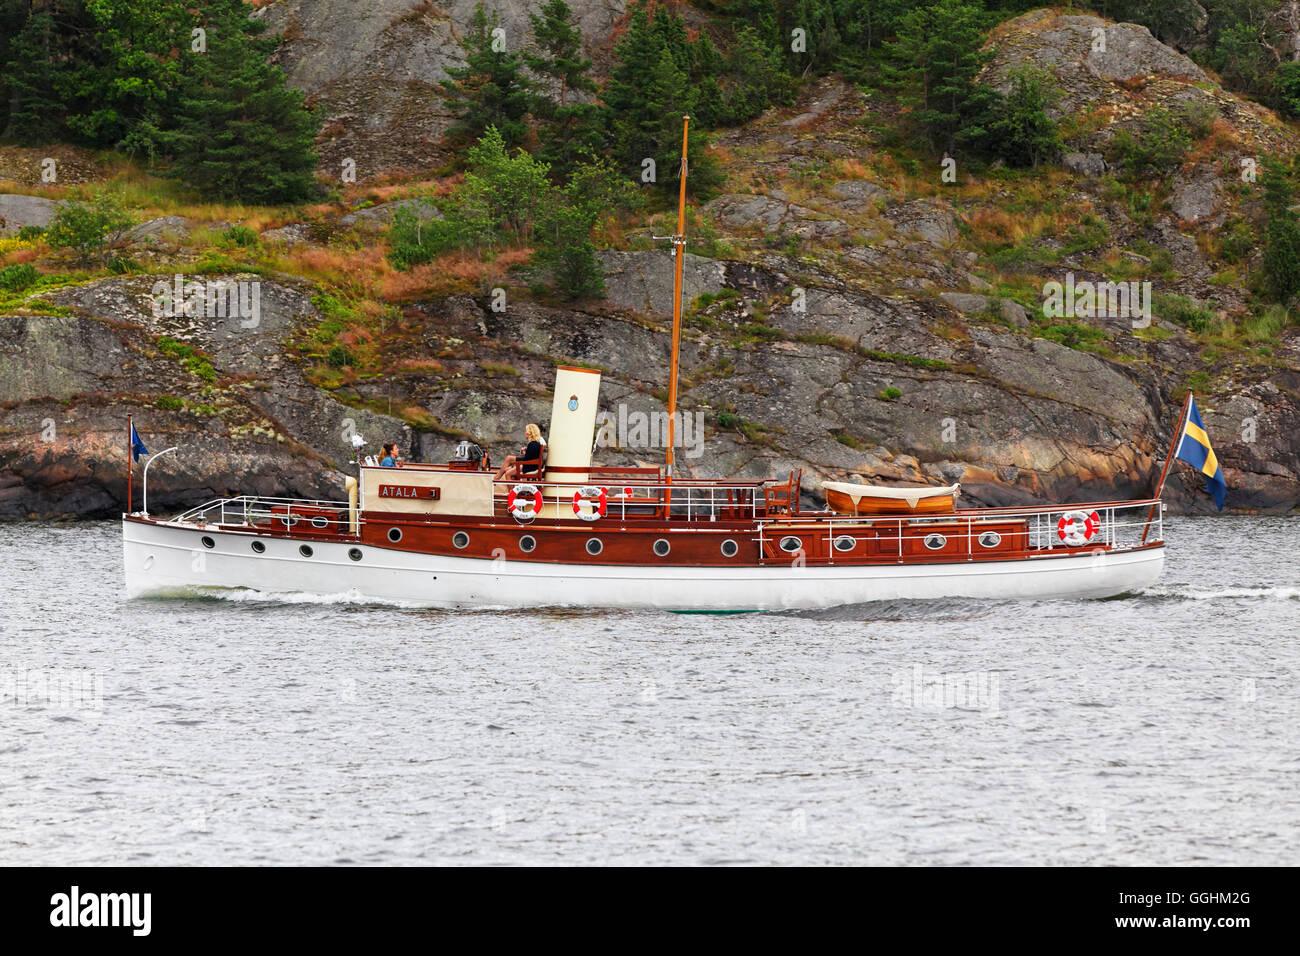 Historic boat, Saltsjoen, Stockholm, Sweden - Stock Image